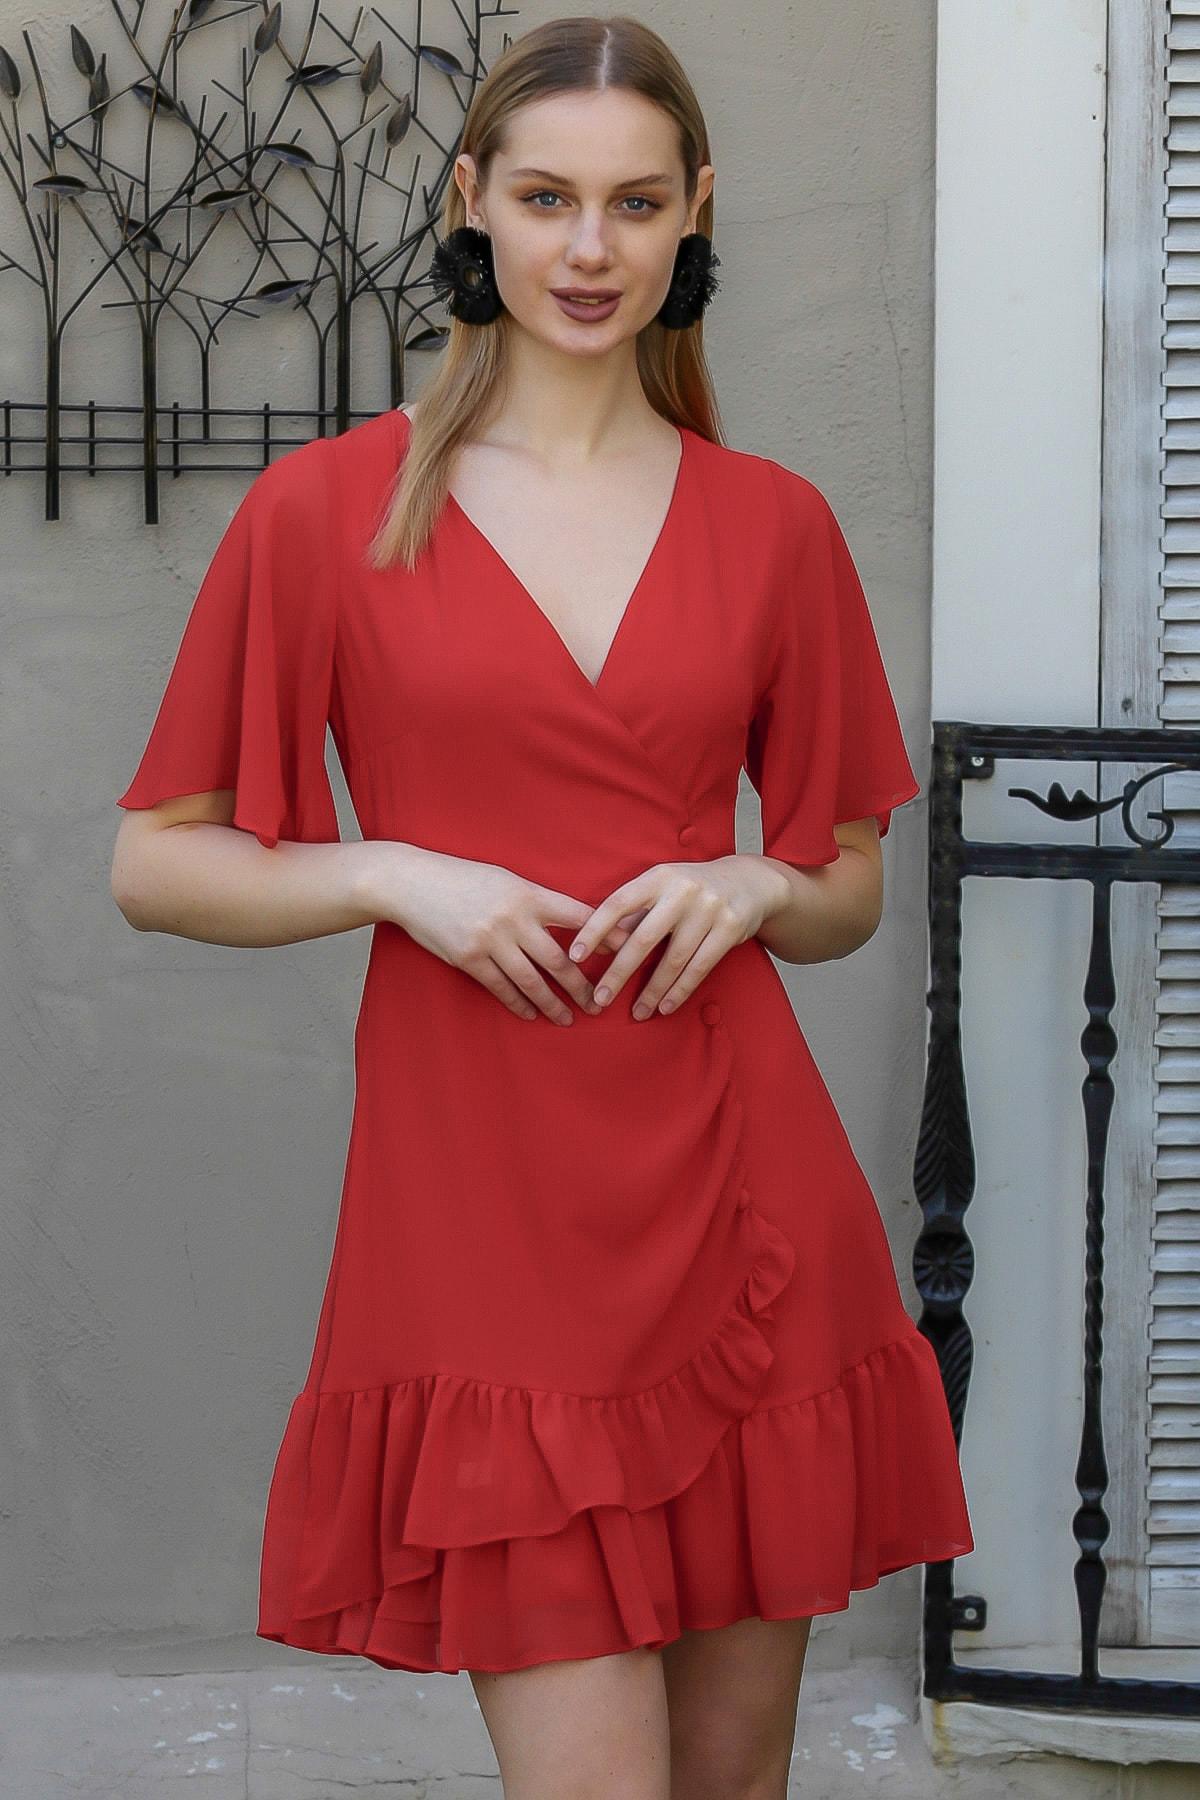 Chiccy Kadın Kırmızı Kruvaze Kaplama Düğme Detaylı Fırfırlı Astarlı Şifon Elbise M10160000EL94964